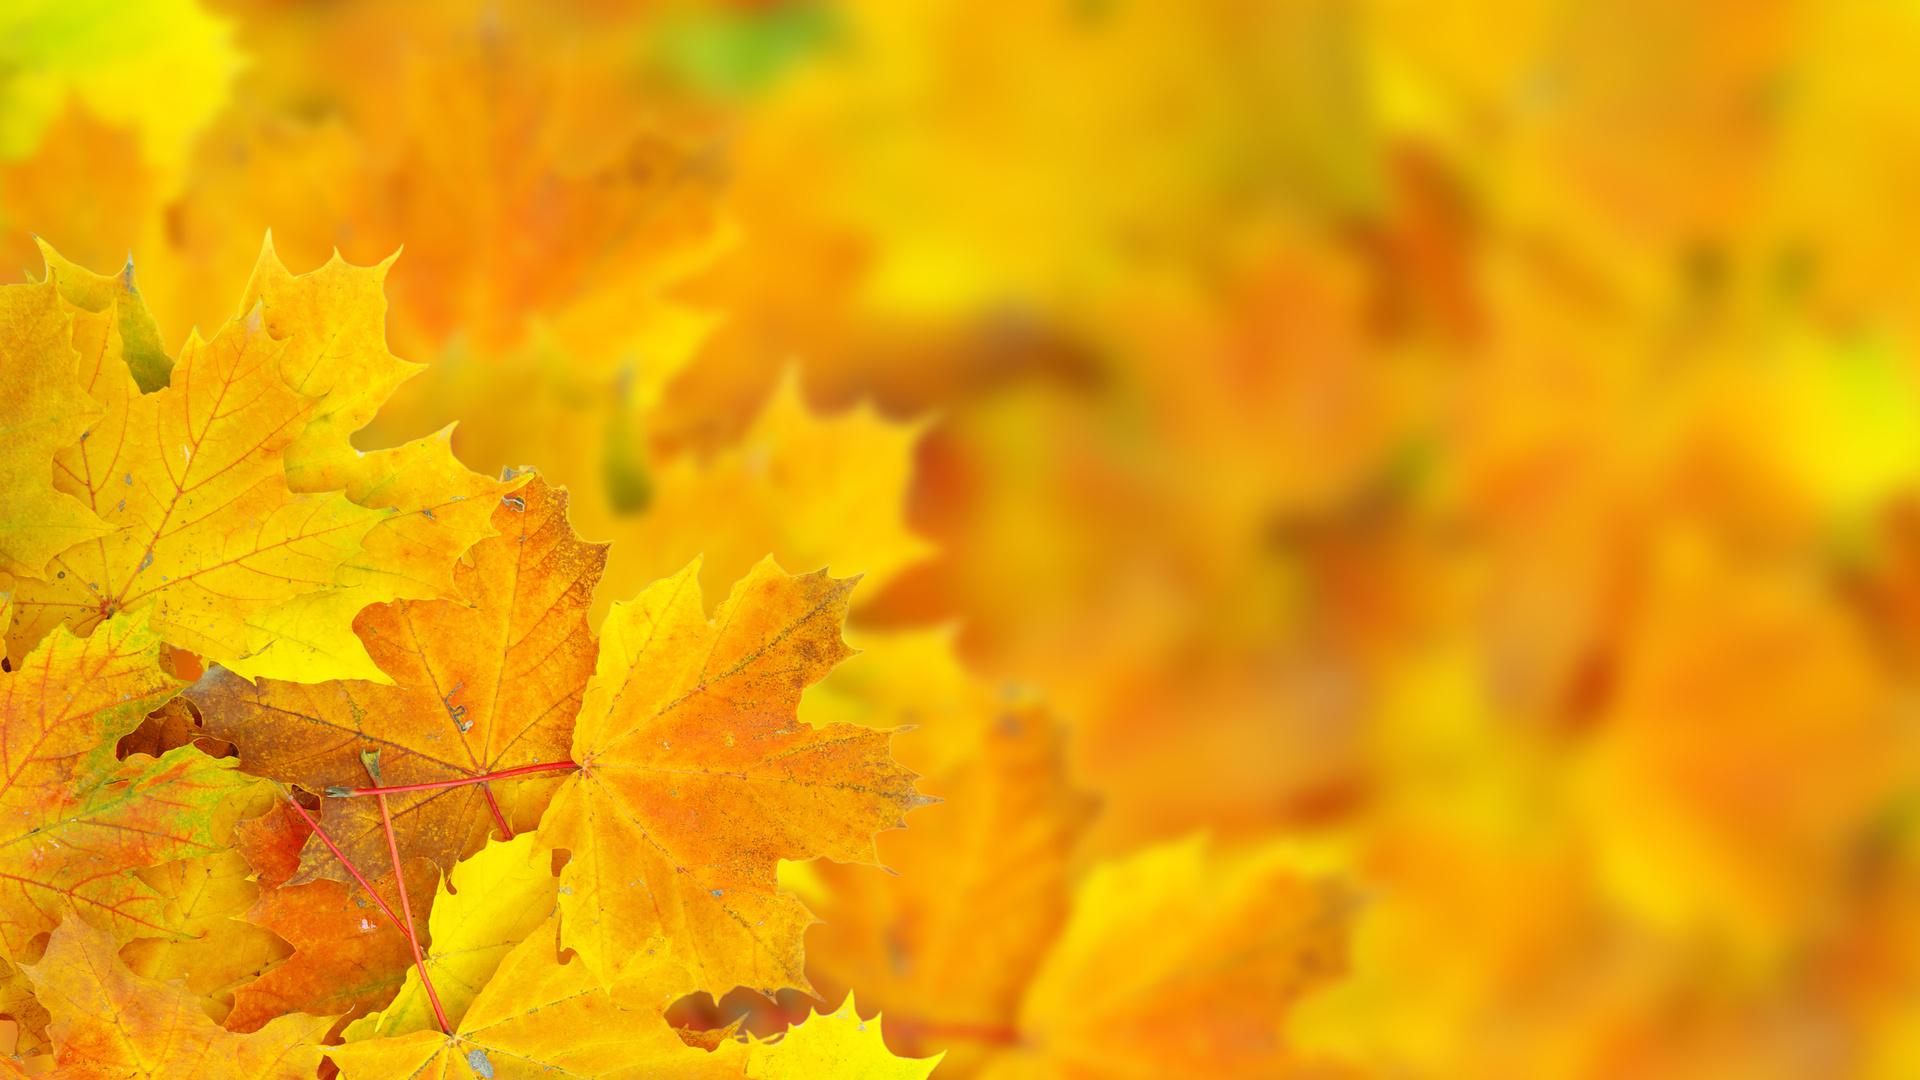 разное природа лампа цветы желтые осень  № 2634604 загрузить